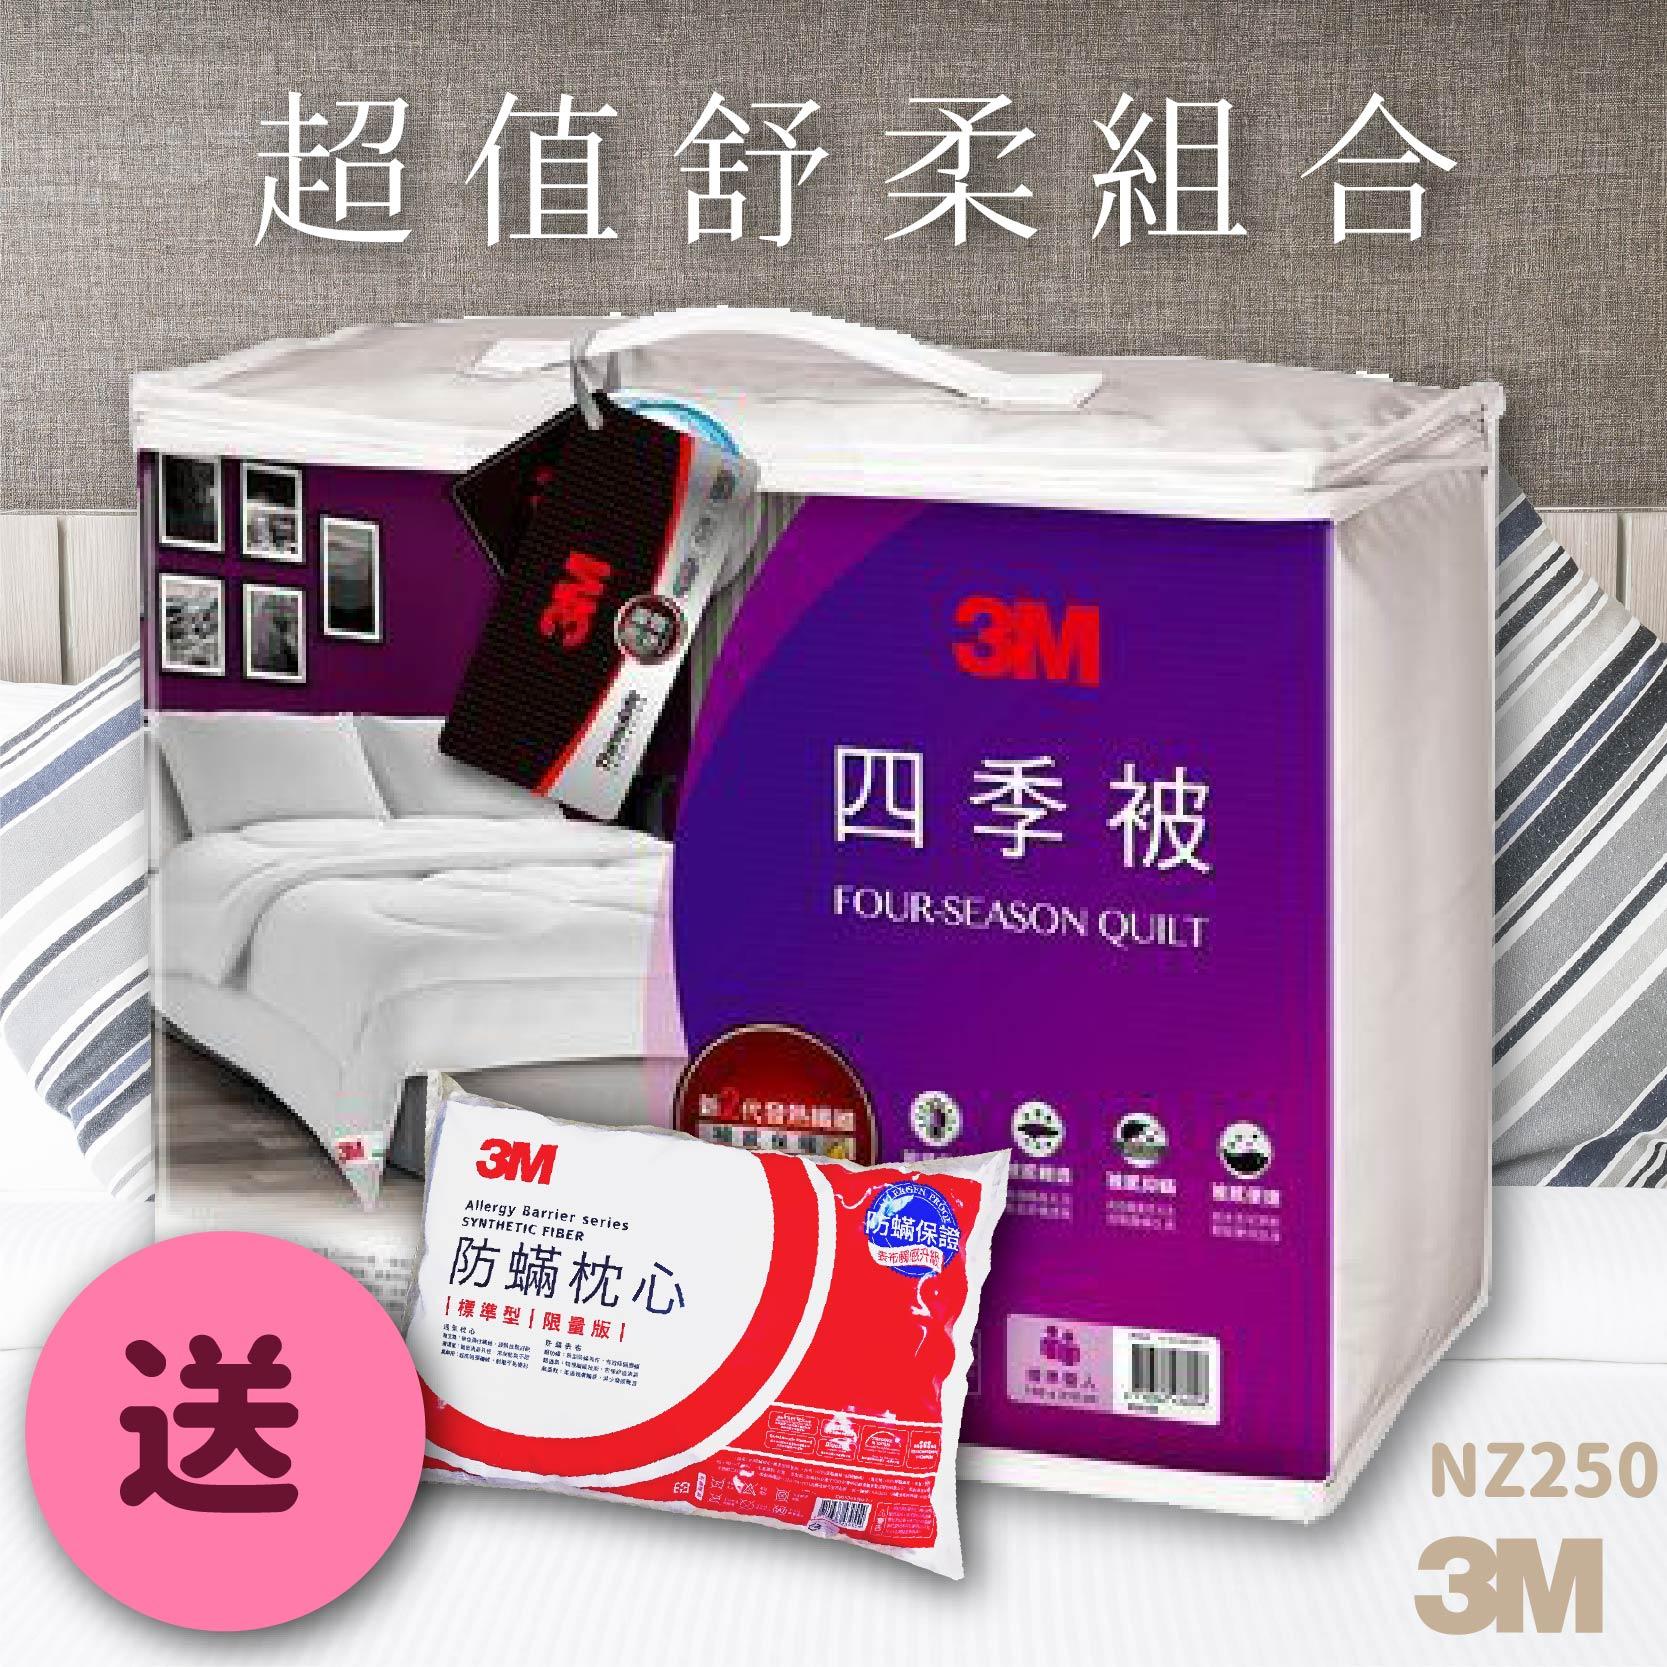 《限量送3M枕頭》3M NZ250四季被 標準雙人 送 3M防蹣枕頭標準型 防蹣 枕頭 棉被 被子 透氣 可水洗